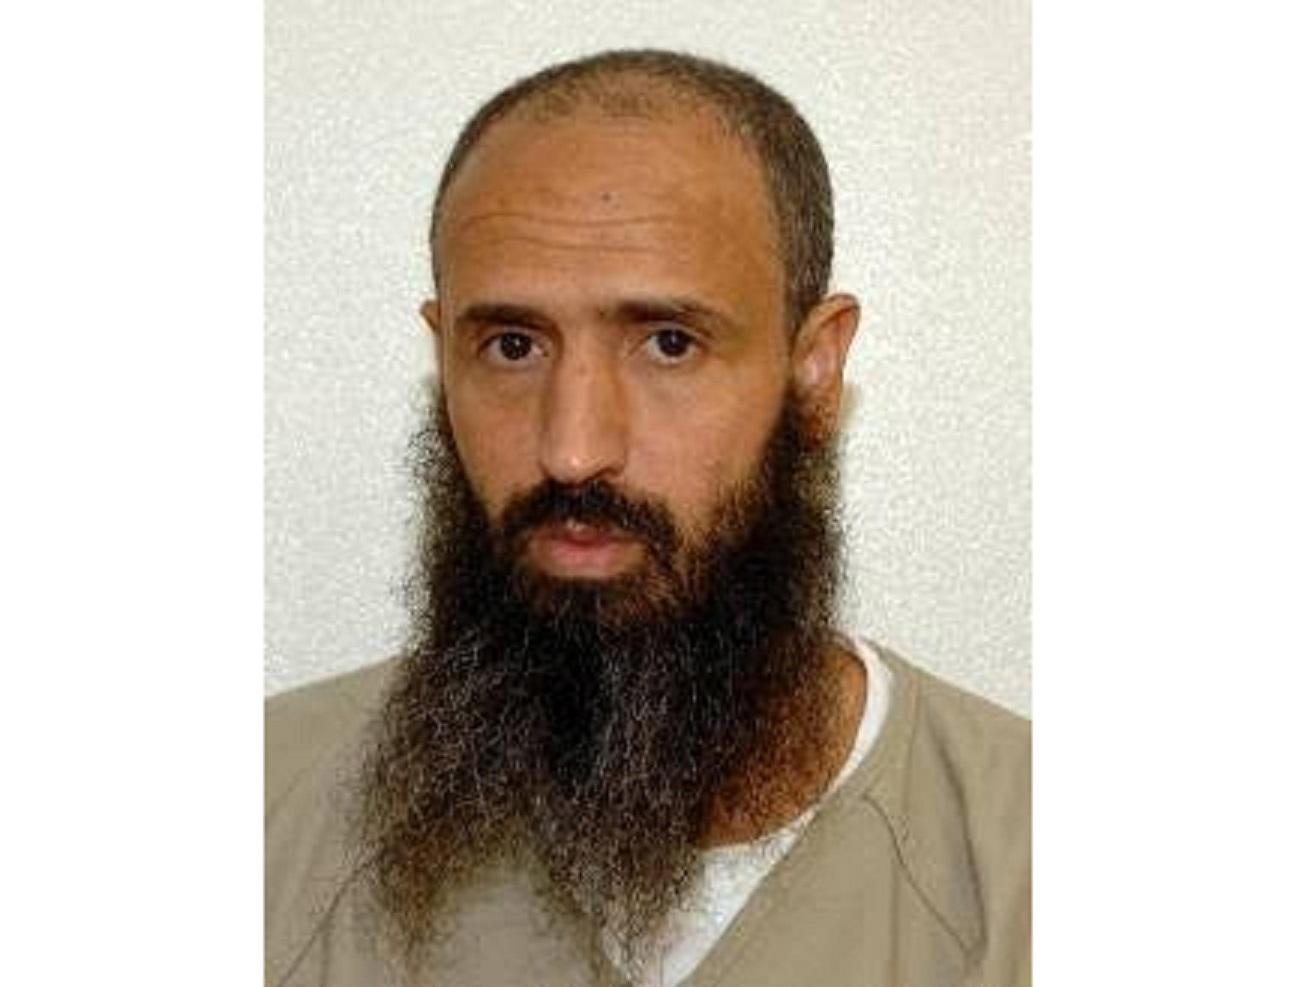 لمّ شمل مغربي مع عائلته بعد 19 عاما من الاعتقال في غوانتانامو